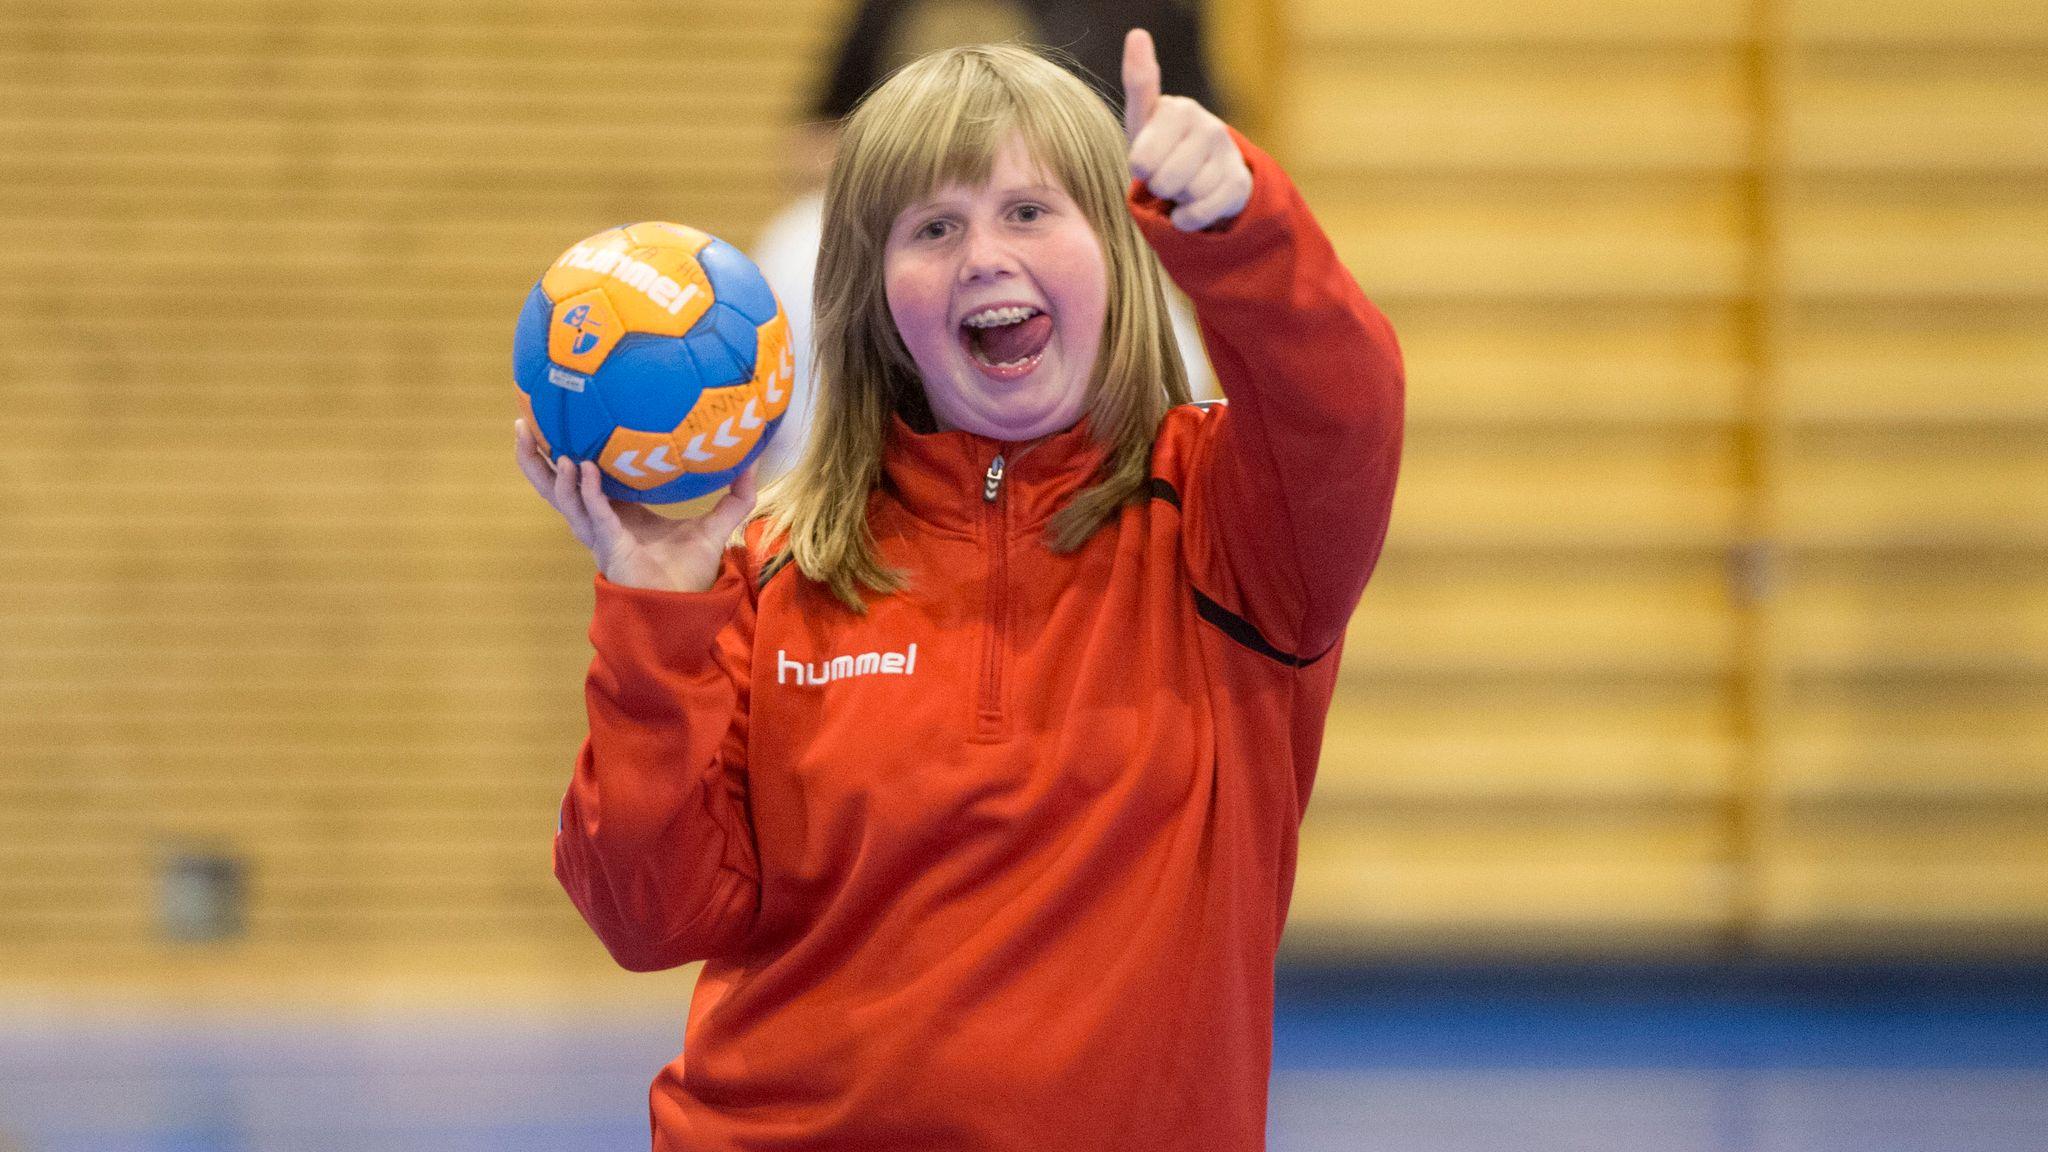 2d64b8ea Thea Solberg er 15 år, og dermed lagets yngste spiller. Humørsprederen  håper nå at flere på hennes alder ønsker å bli med på håndballbanen. Anders  Minge